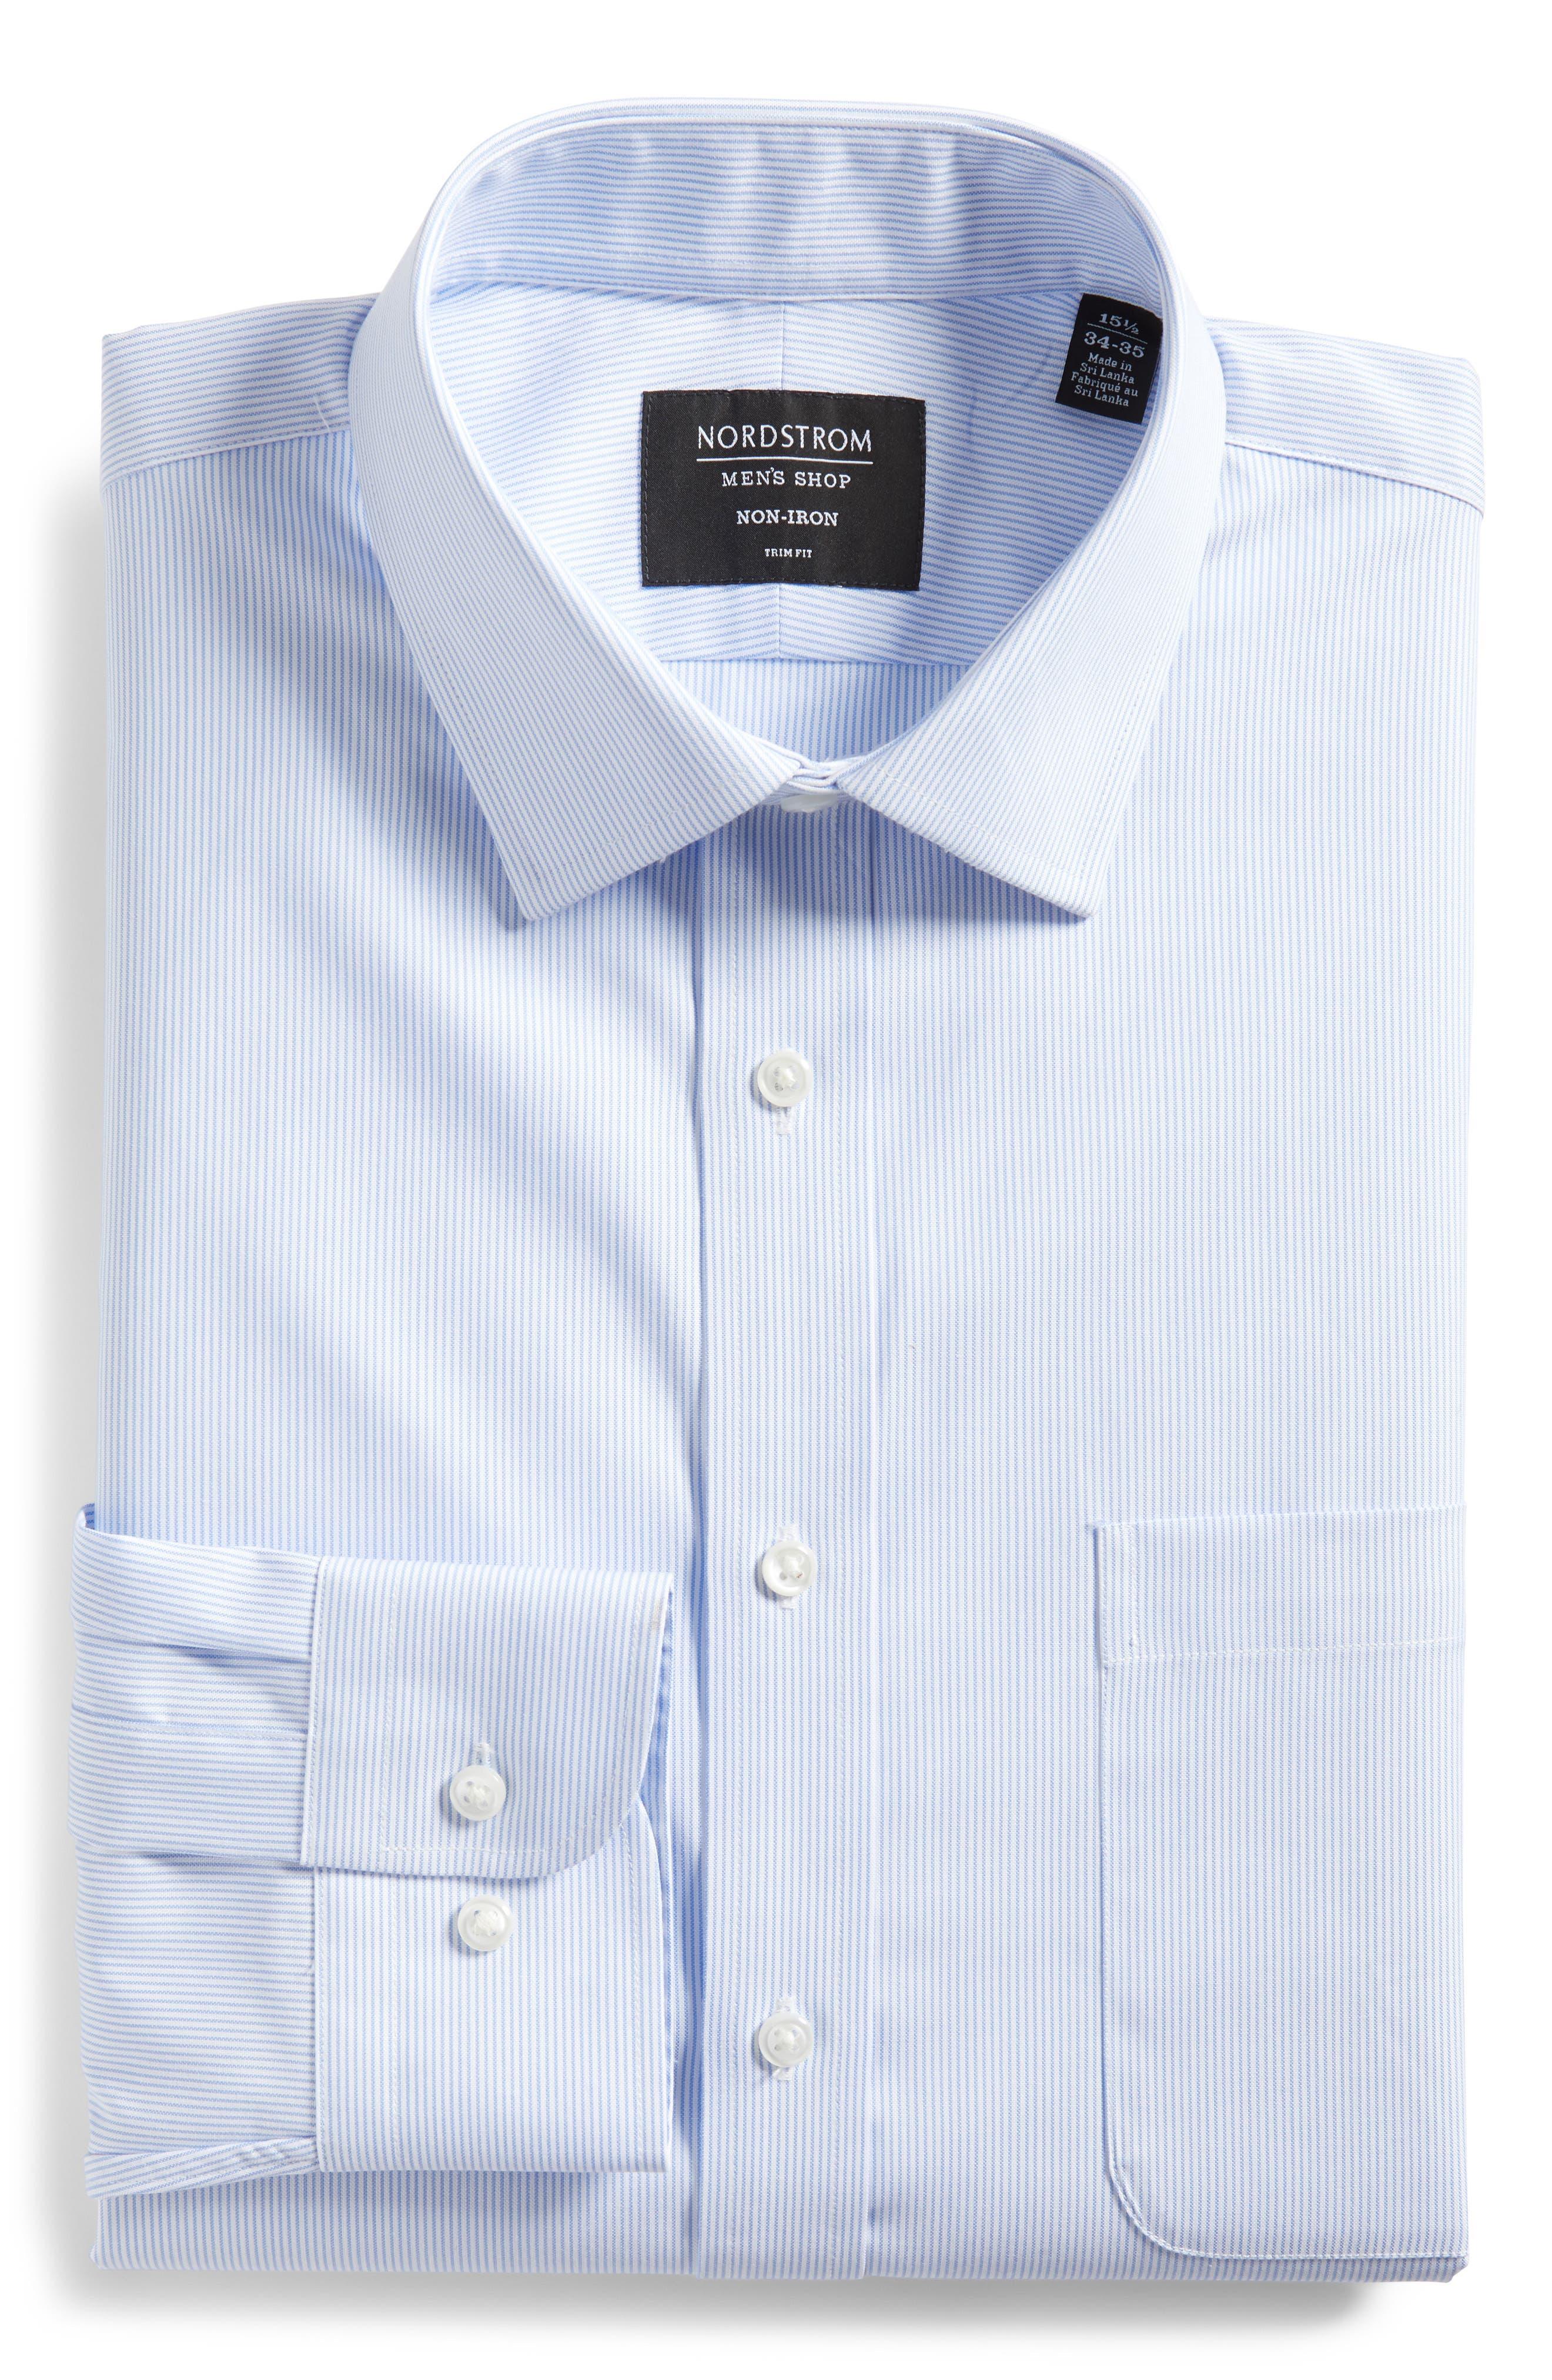 Nordstrom Men's Shop Trim Fit Non-Iron Stripe Dress Shirt